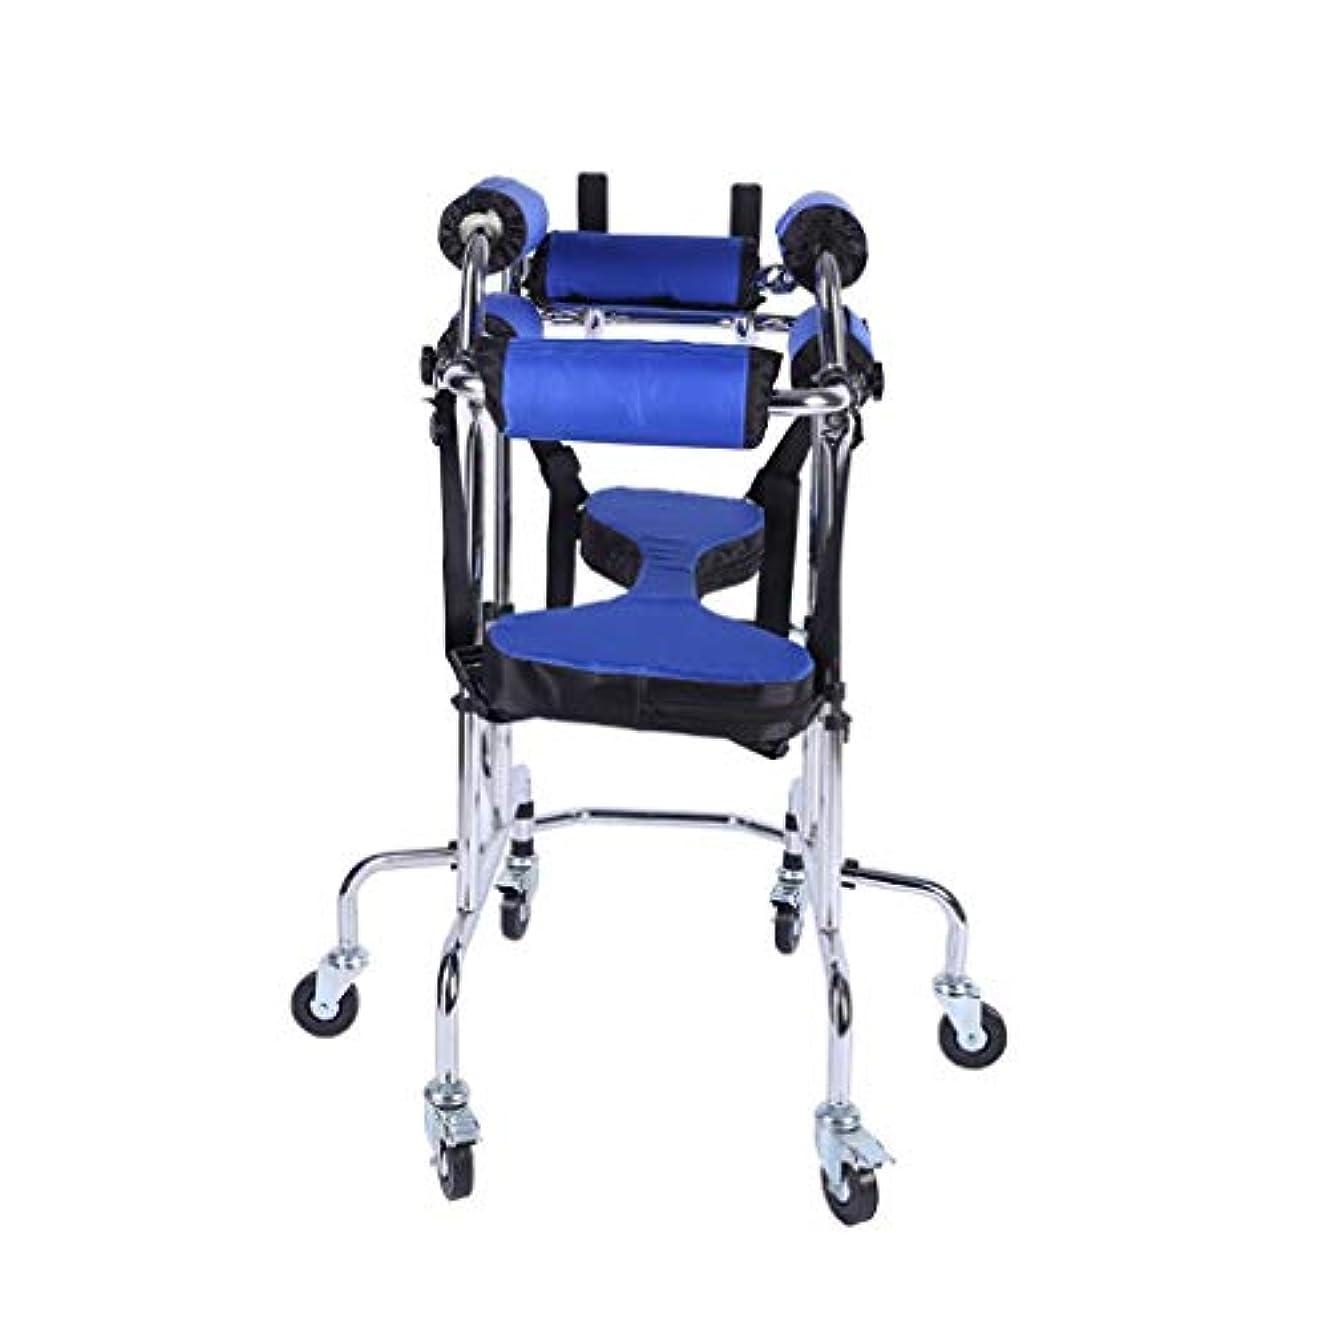 節約遠近法上チャイルドウォーカー/下肢トレーニングおよびリハビリ機器/リハビリ機器/スタンディングウォークスタンド/ウォークエイド/ウォーカー/スタンドフレーム付きシートホイール